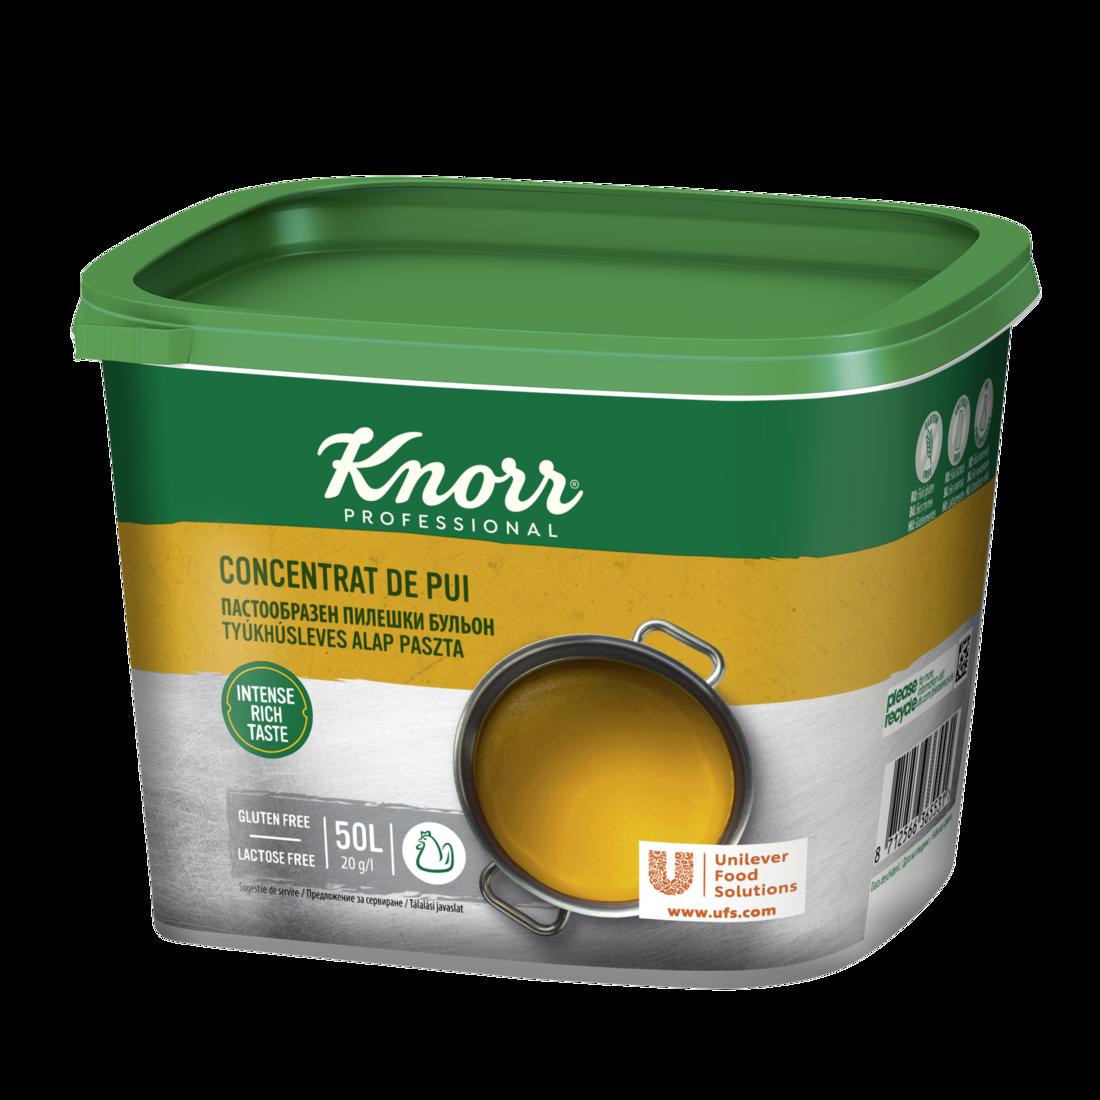 Knorr Пилешки пастообразен бульон - Перфектното решение за бързо приготвяне на отлични ястия и подсилване на вкуса!